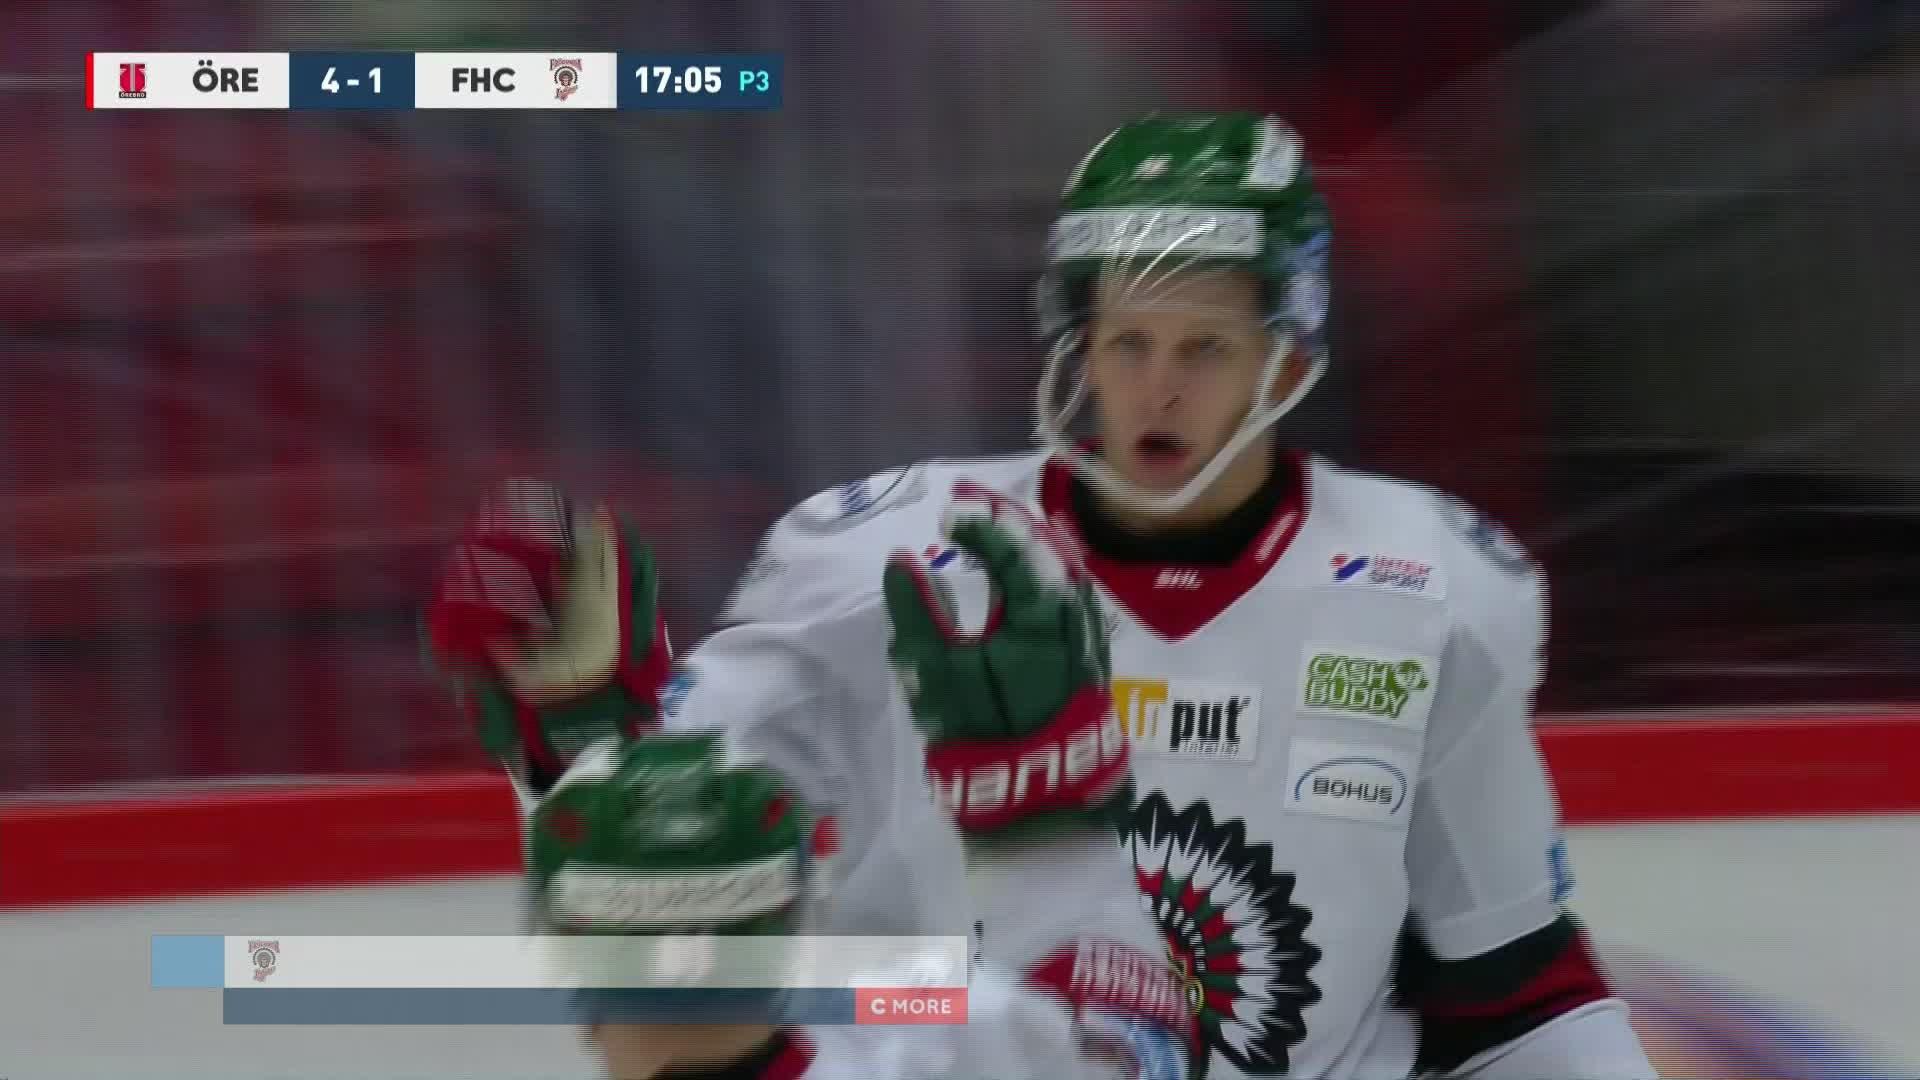 Örebro Hockey - Frölunda HC 4-1